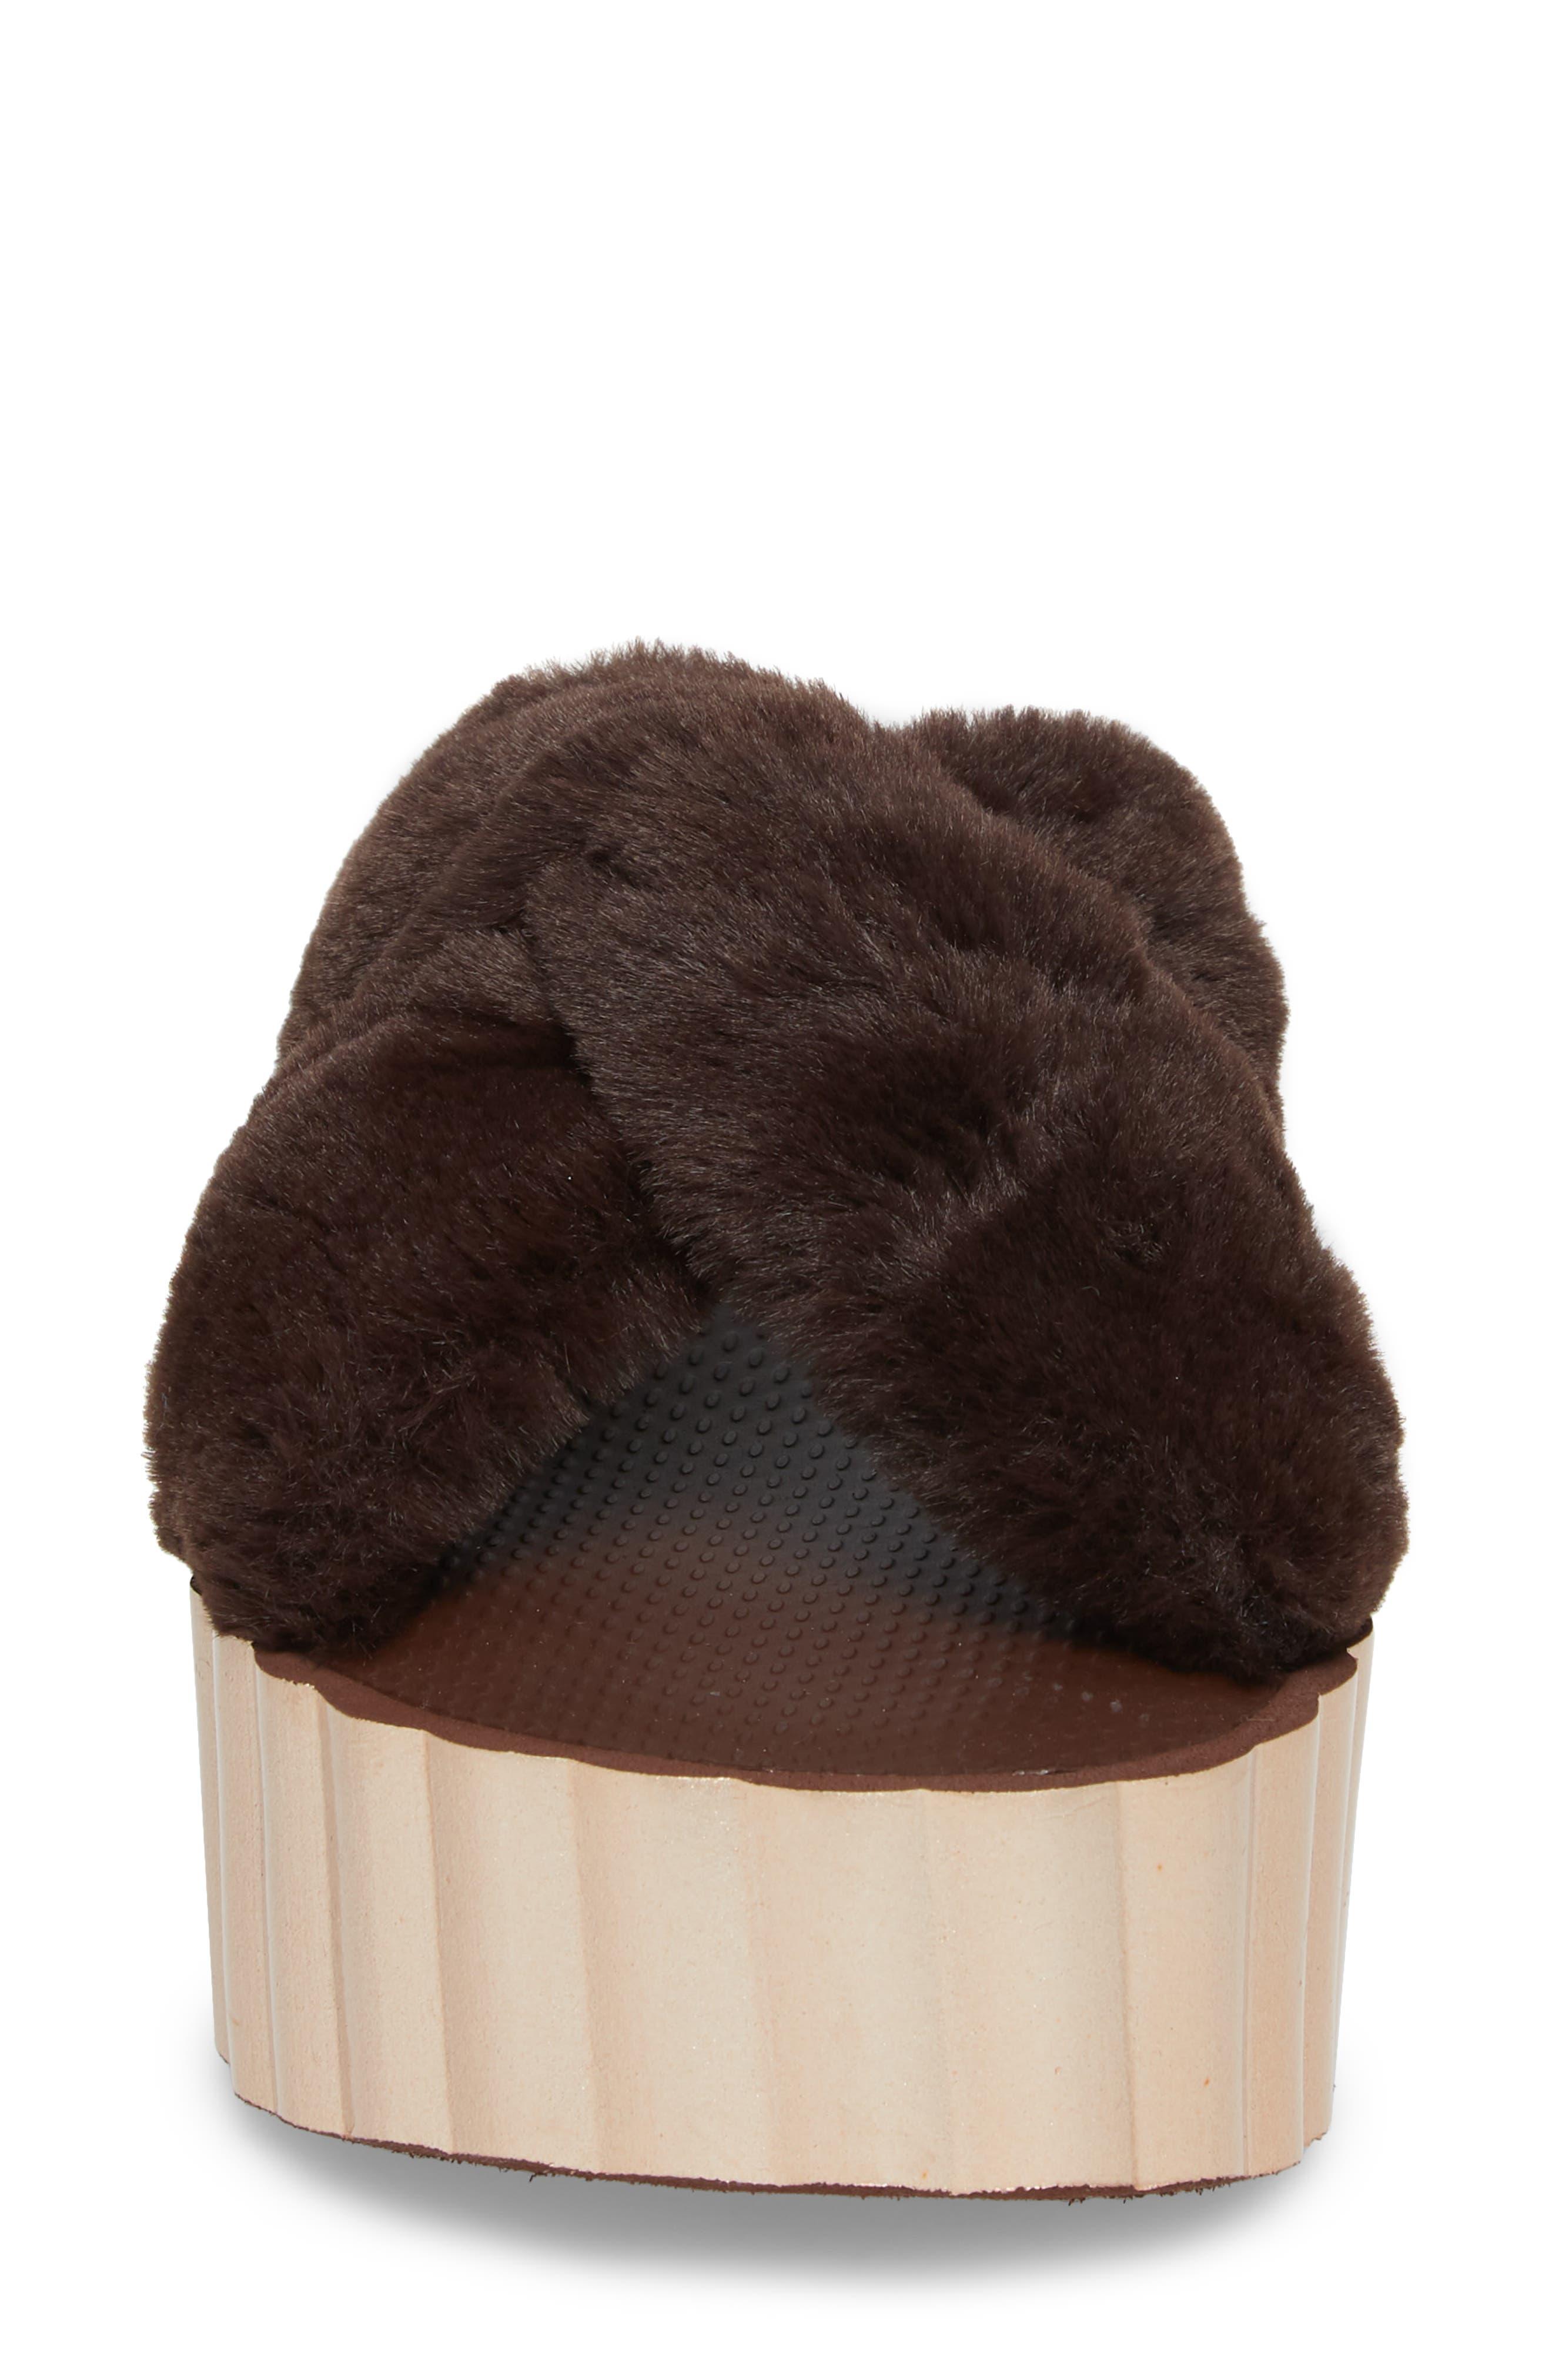 TORY BURCH,                             Faux Fur Scallop Platform Slide Sandal,                             Alternate thumbnail 4, color,                             207